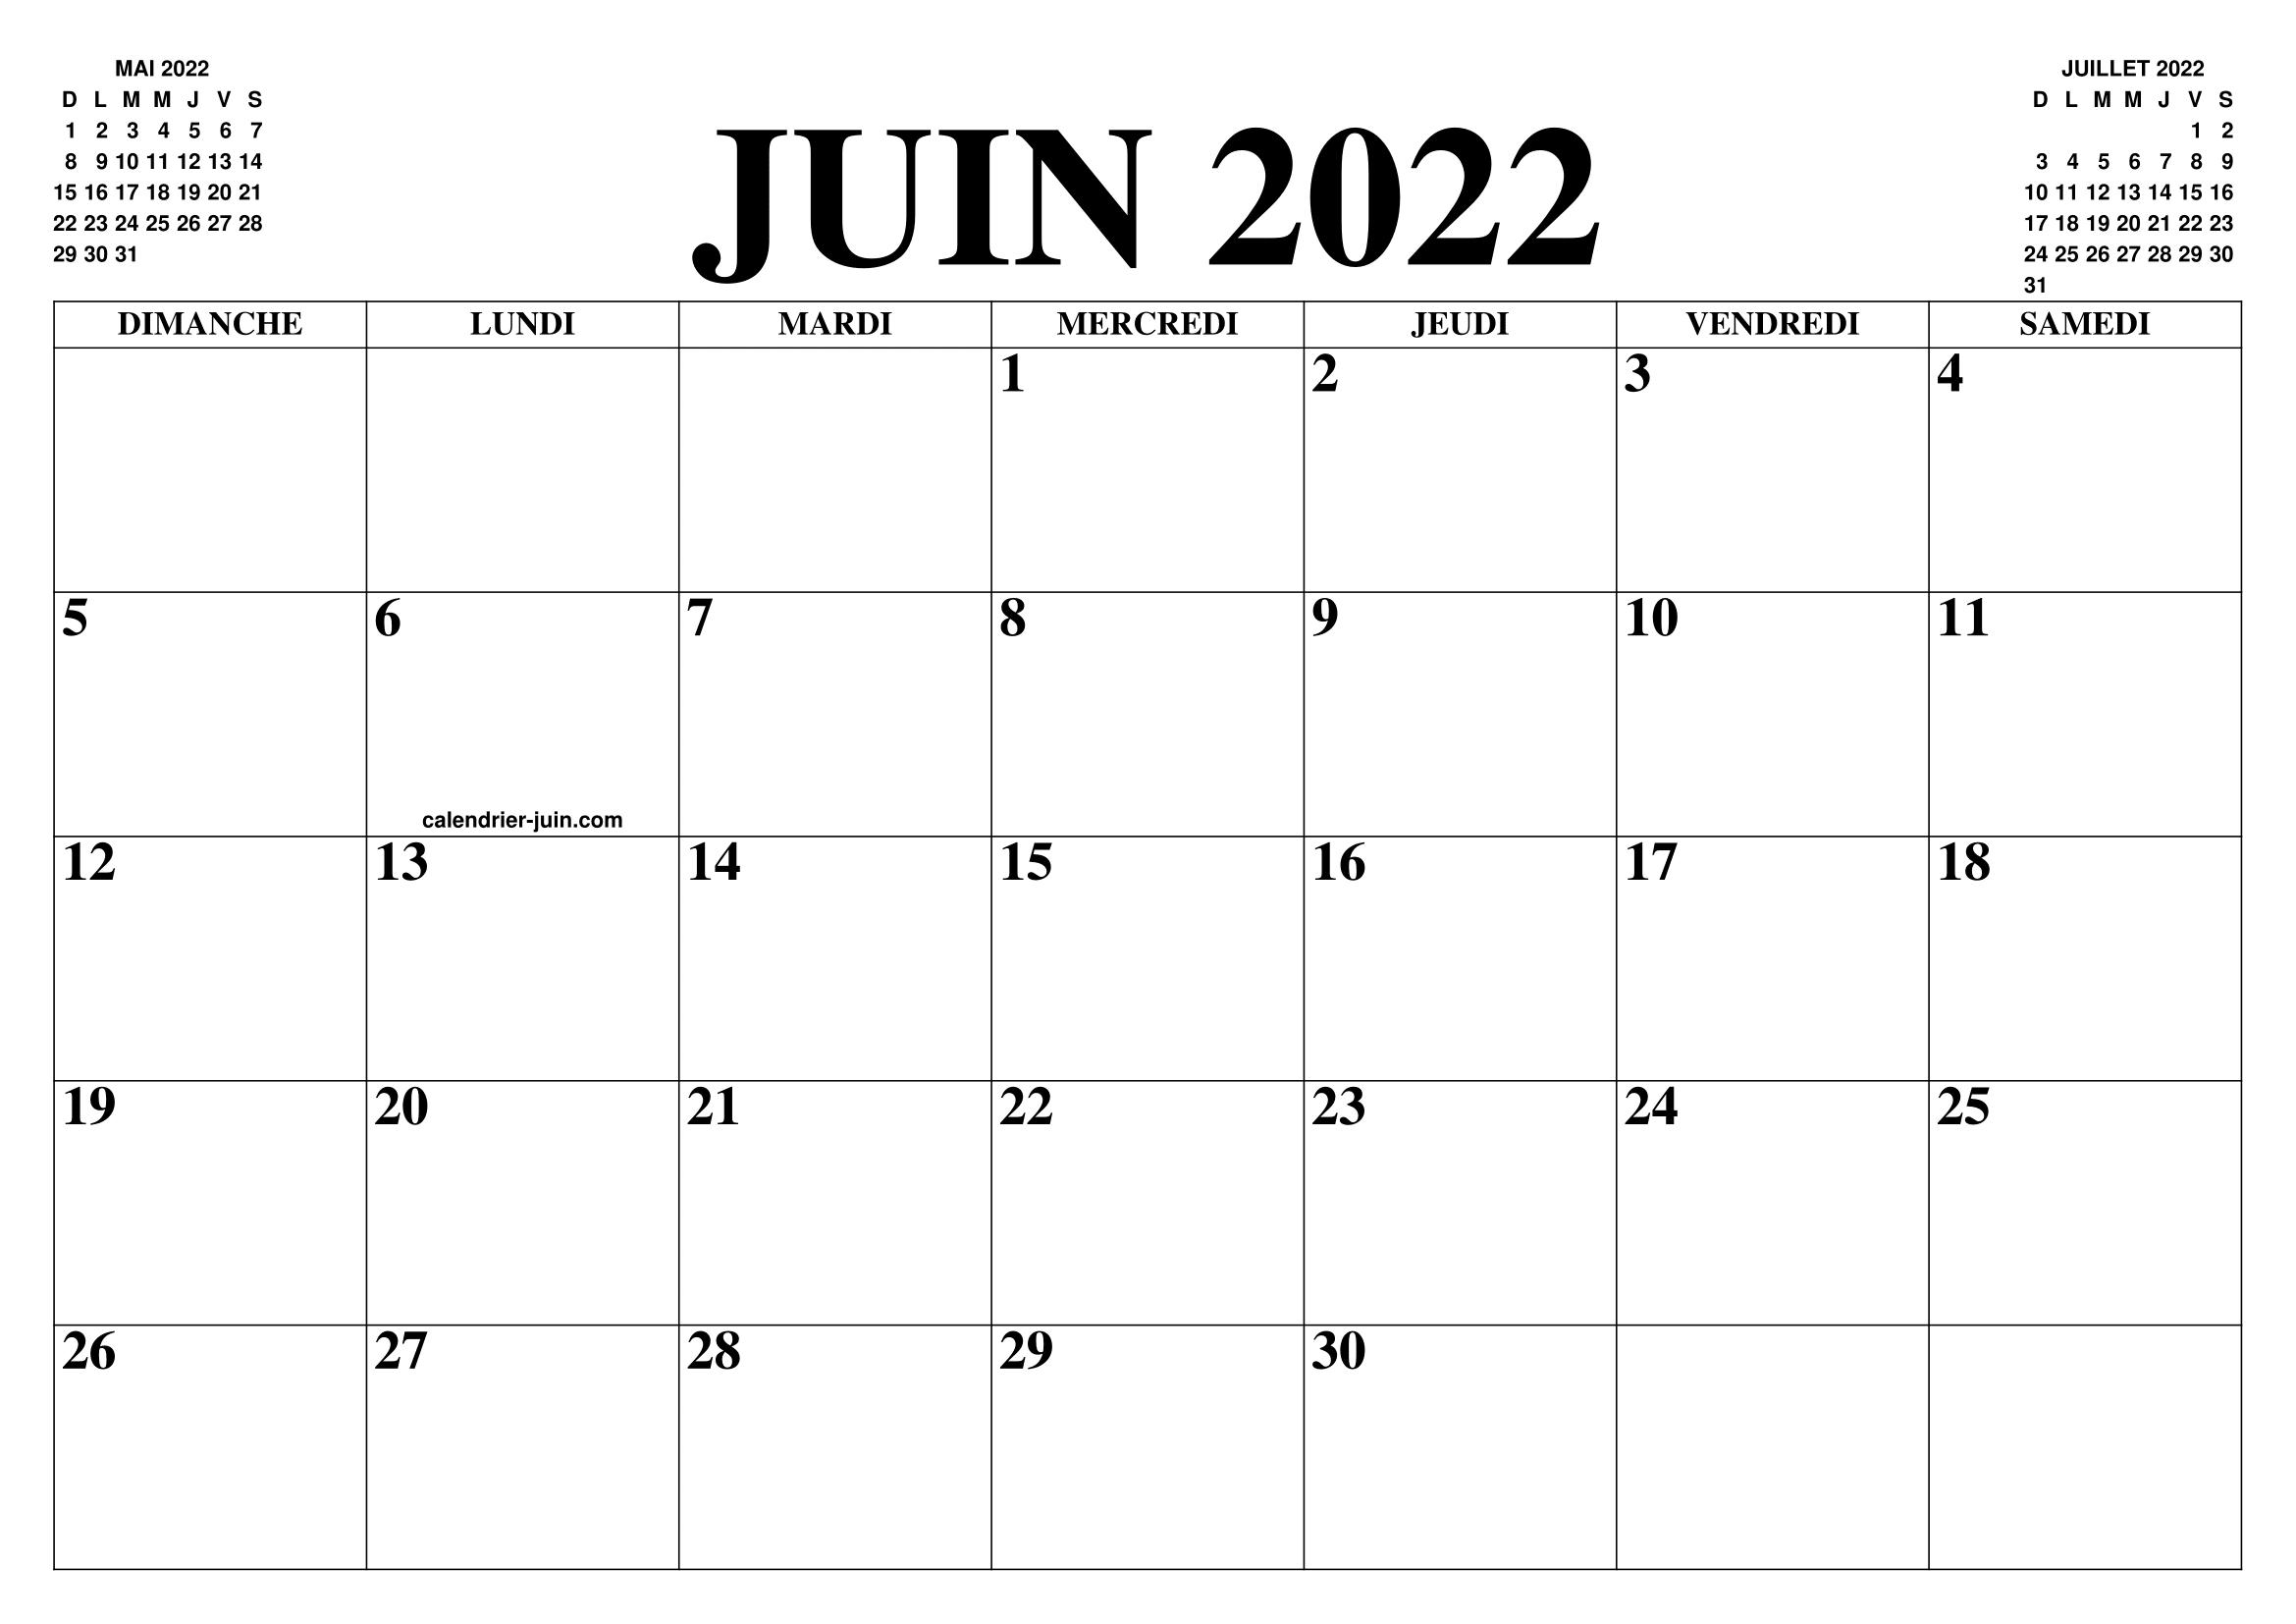 Calendrier Du Mois De Juin 2022 CALENDRIER JUIN 2022 : LE CALENDRIER DU MOIS DE JUIN GRATUIT A